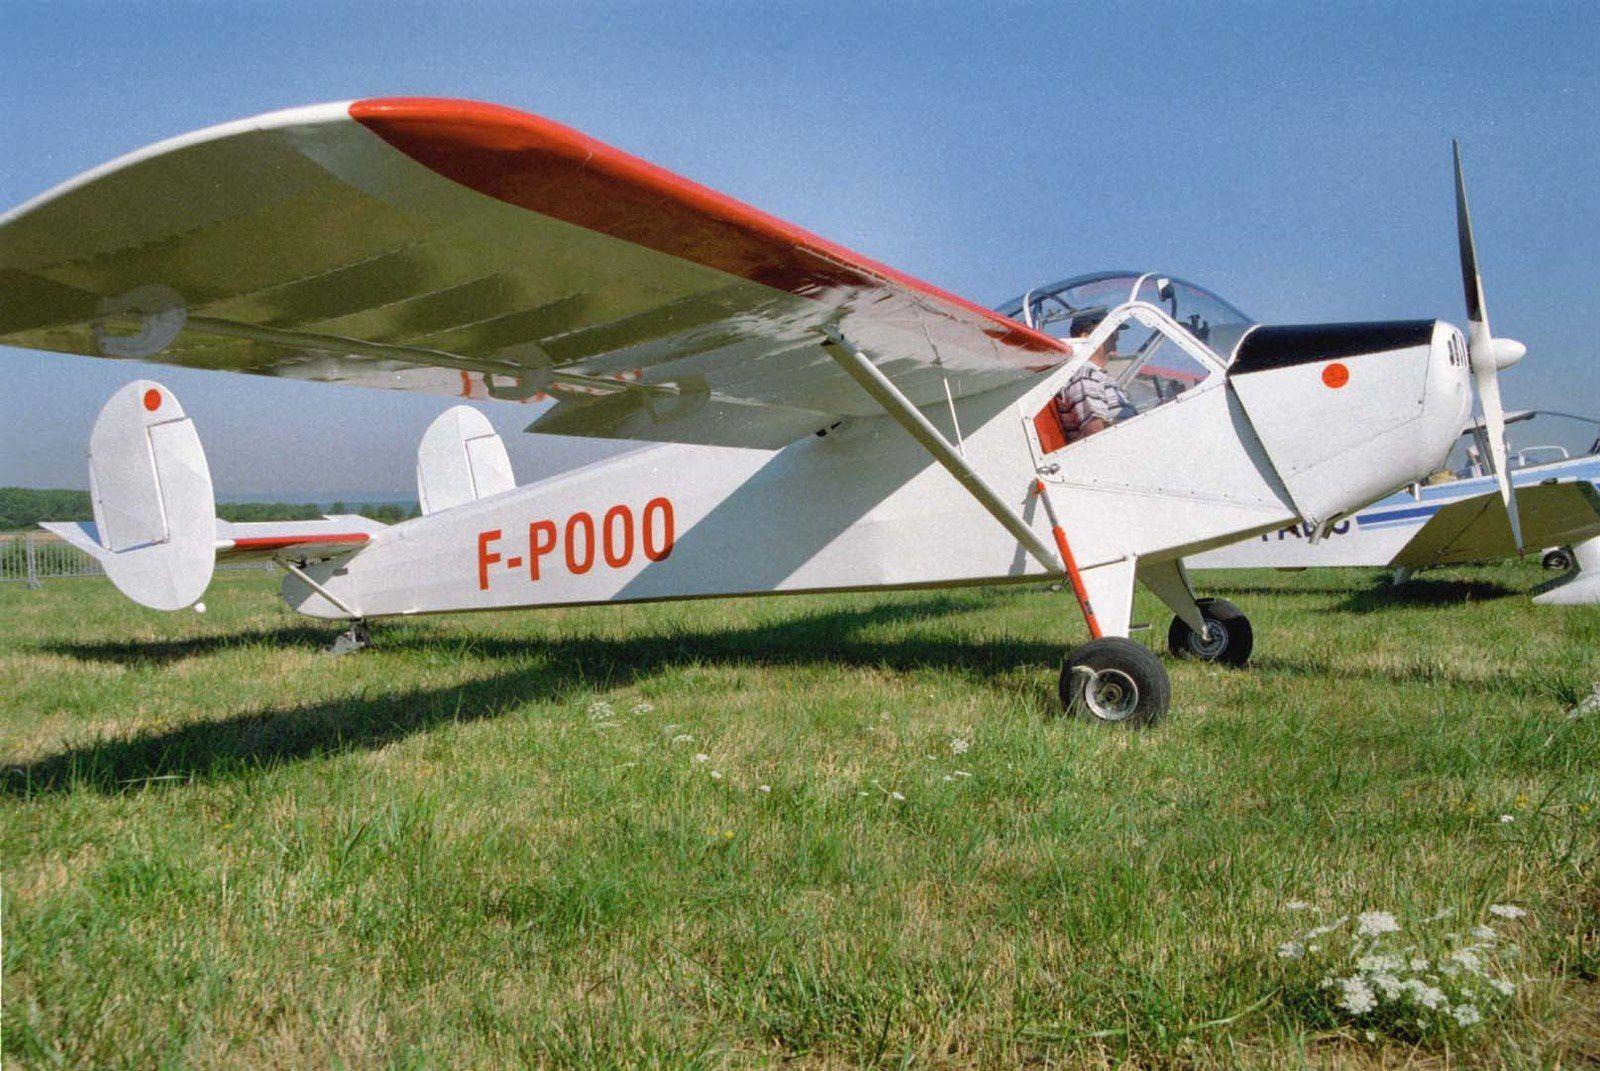 Le NC-858S N°78 F-POOO vu lors d'un rassemblement du RSA.